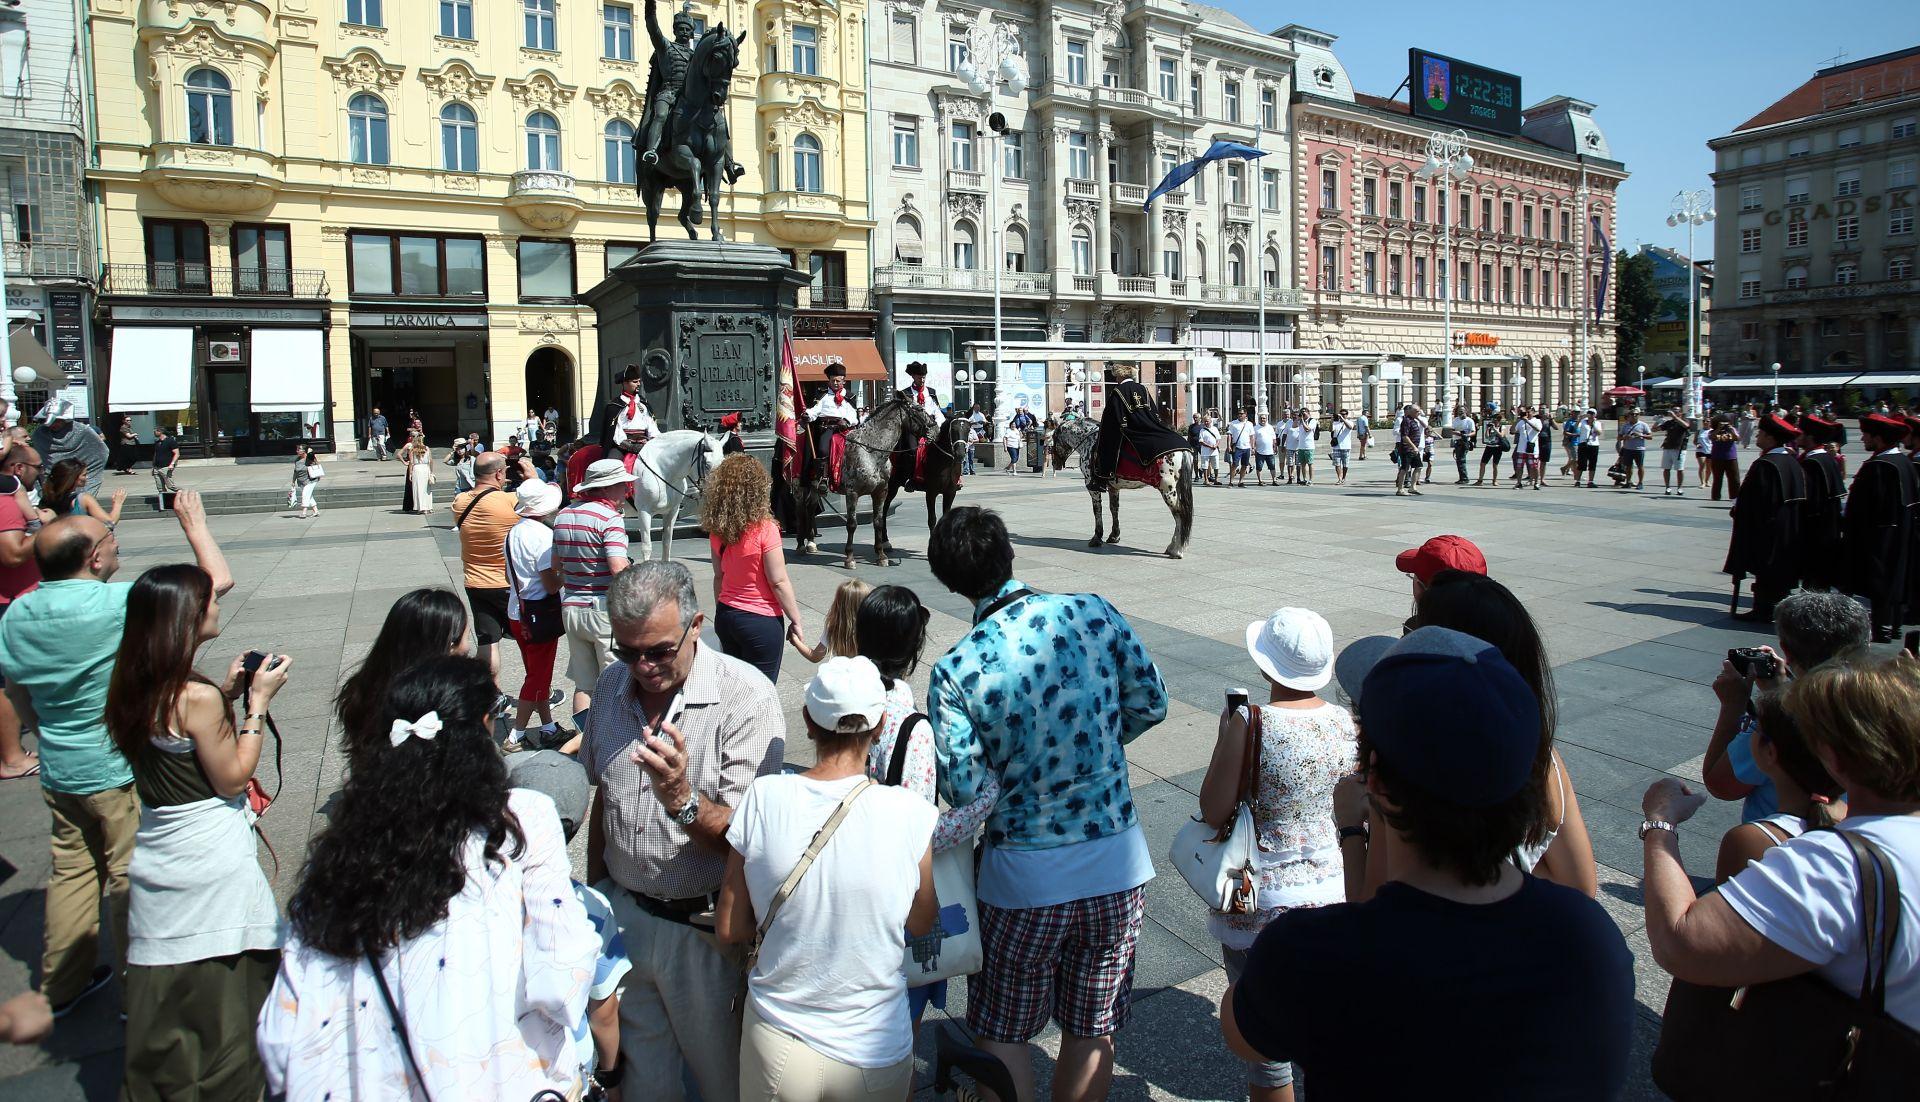 PODACI SUSTAVA eVISITOR: Na kontinentu 7 posto noćenja, najjači Lika-Karlovac i Zagreb